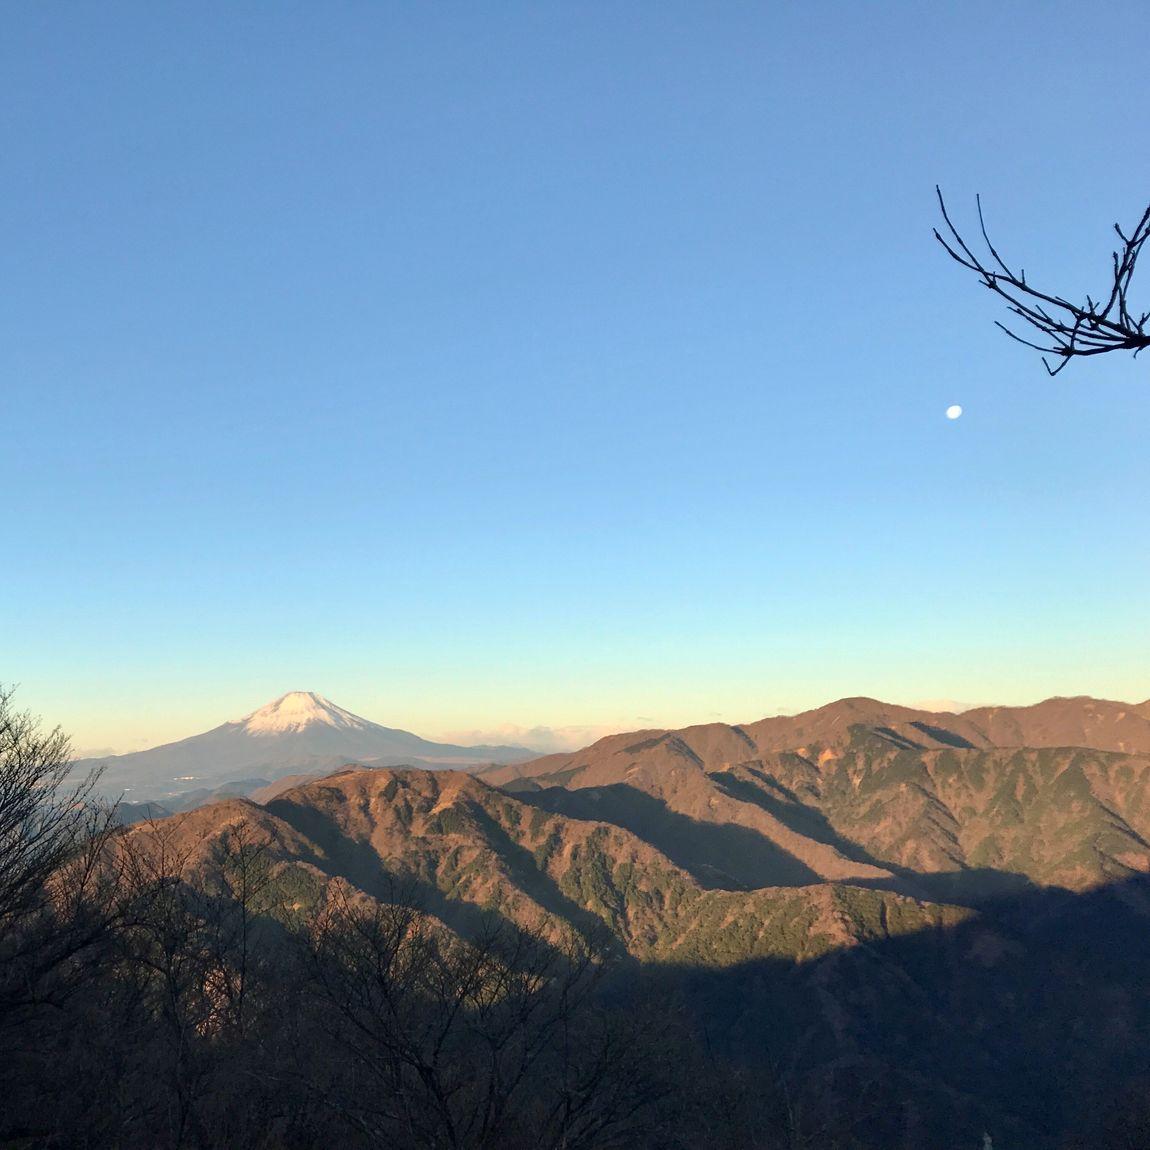 初日の出に照らされる富士山と月